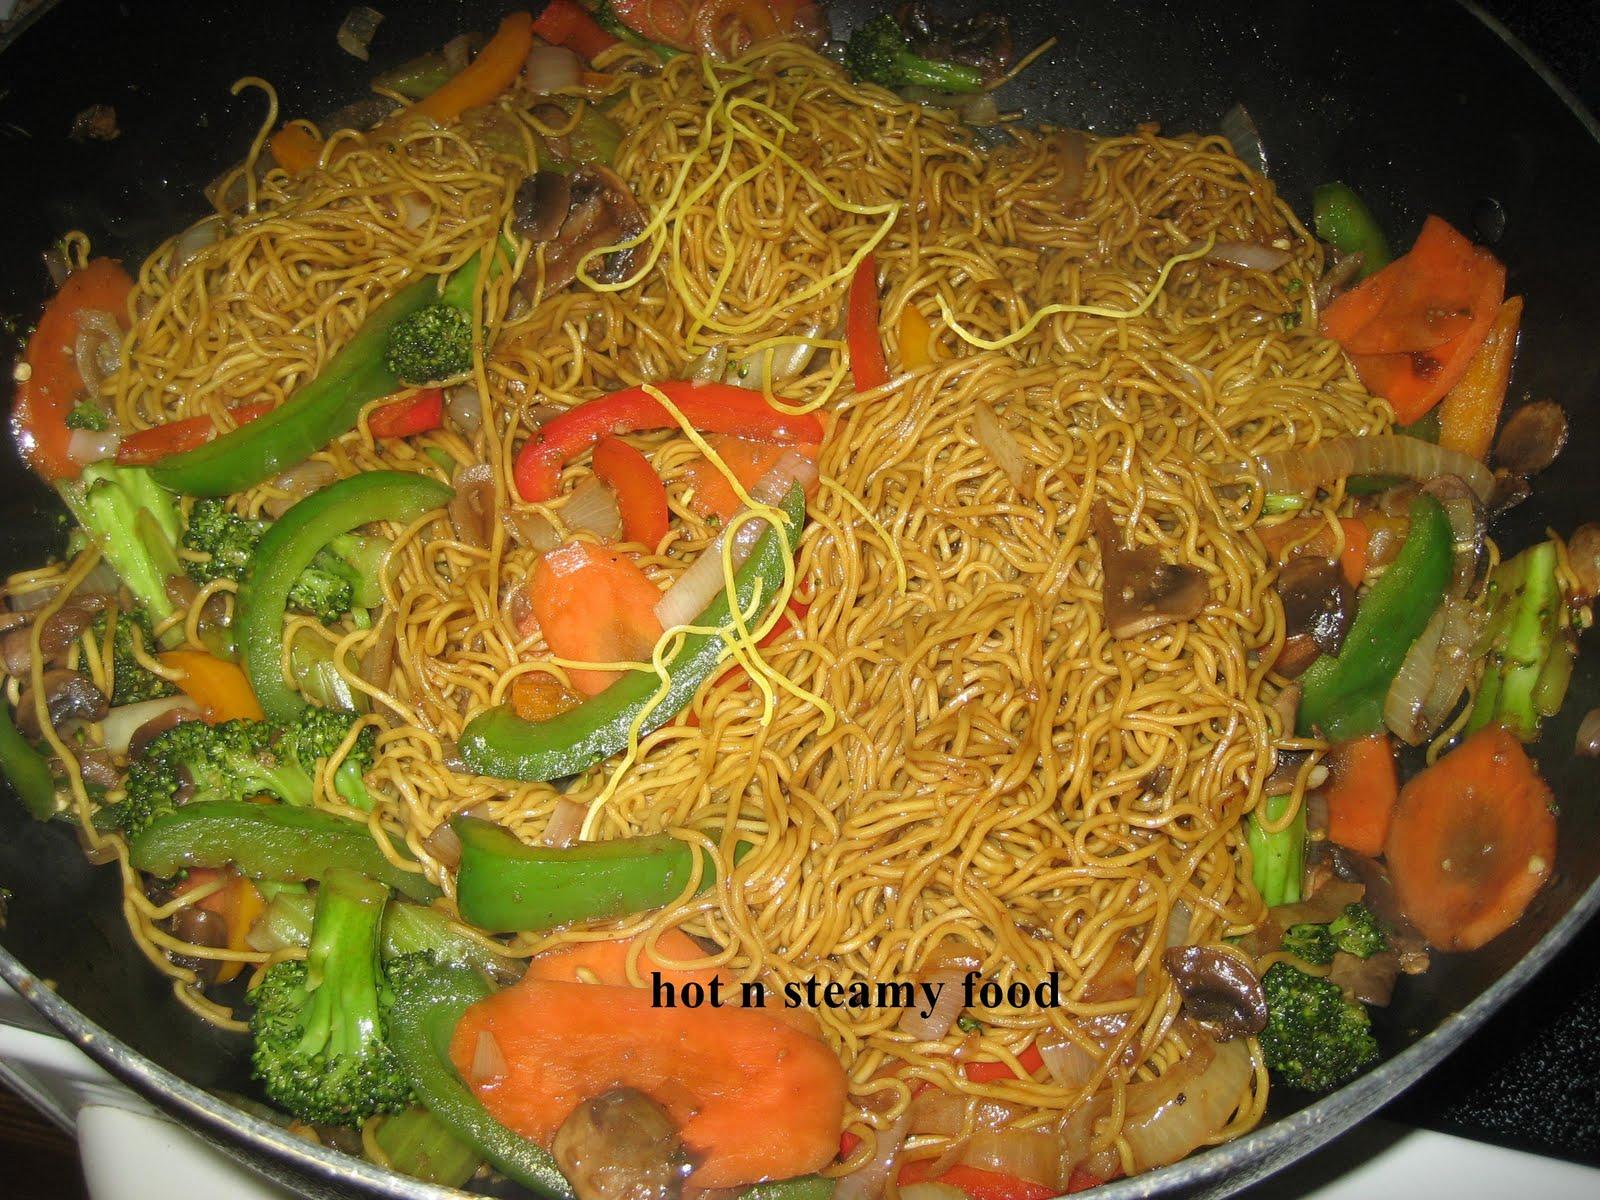 lo Mein Chow Mein Chop Suey Chicken Chow Mein vs lo Mein